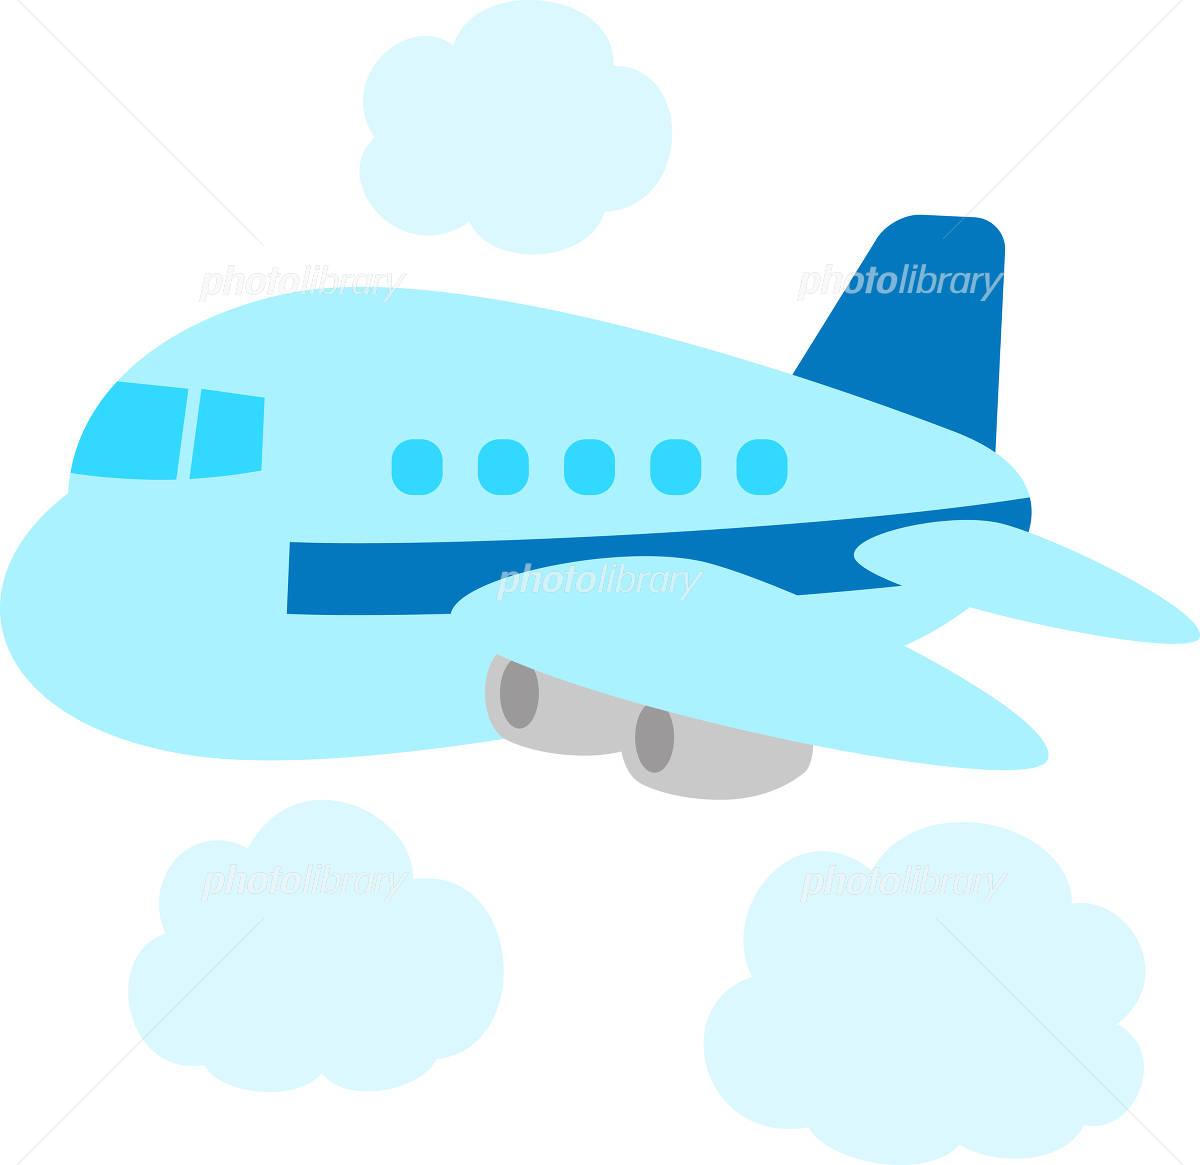 かわいい飛行機 イラスト素材 4844982 フォトライブラリー